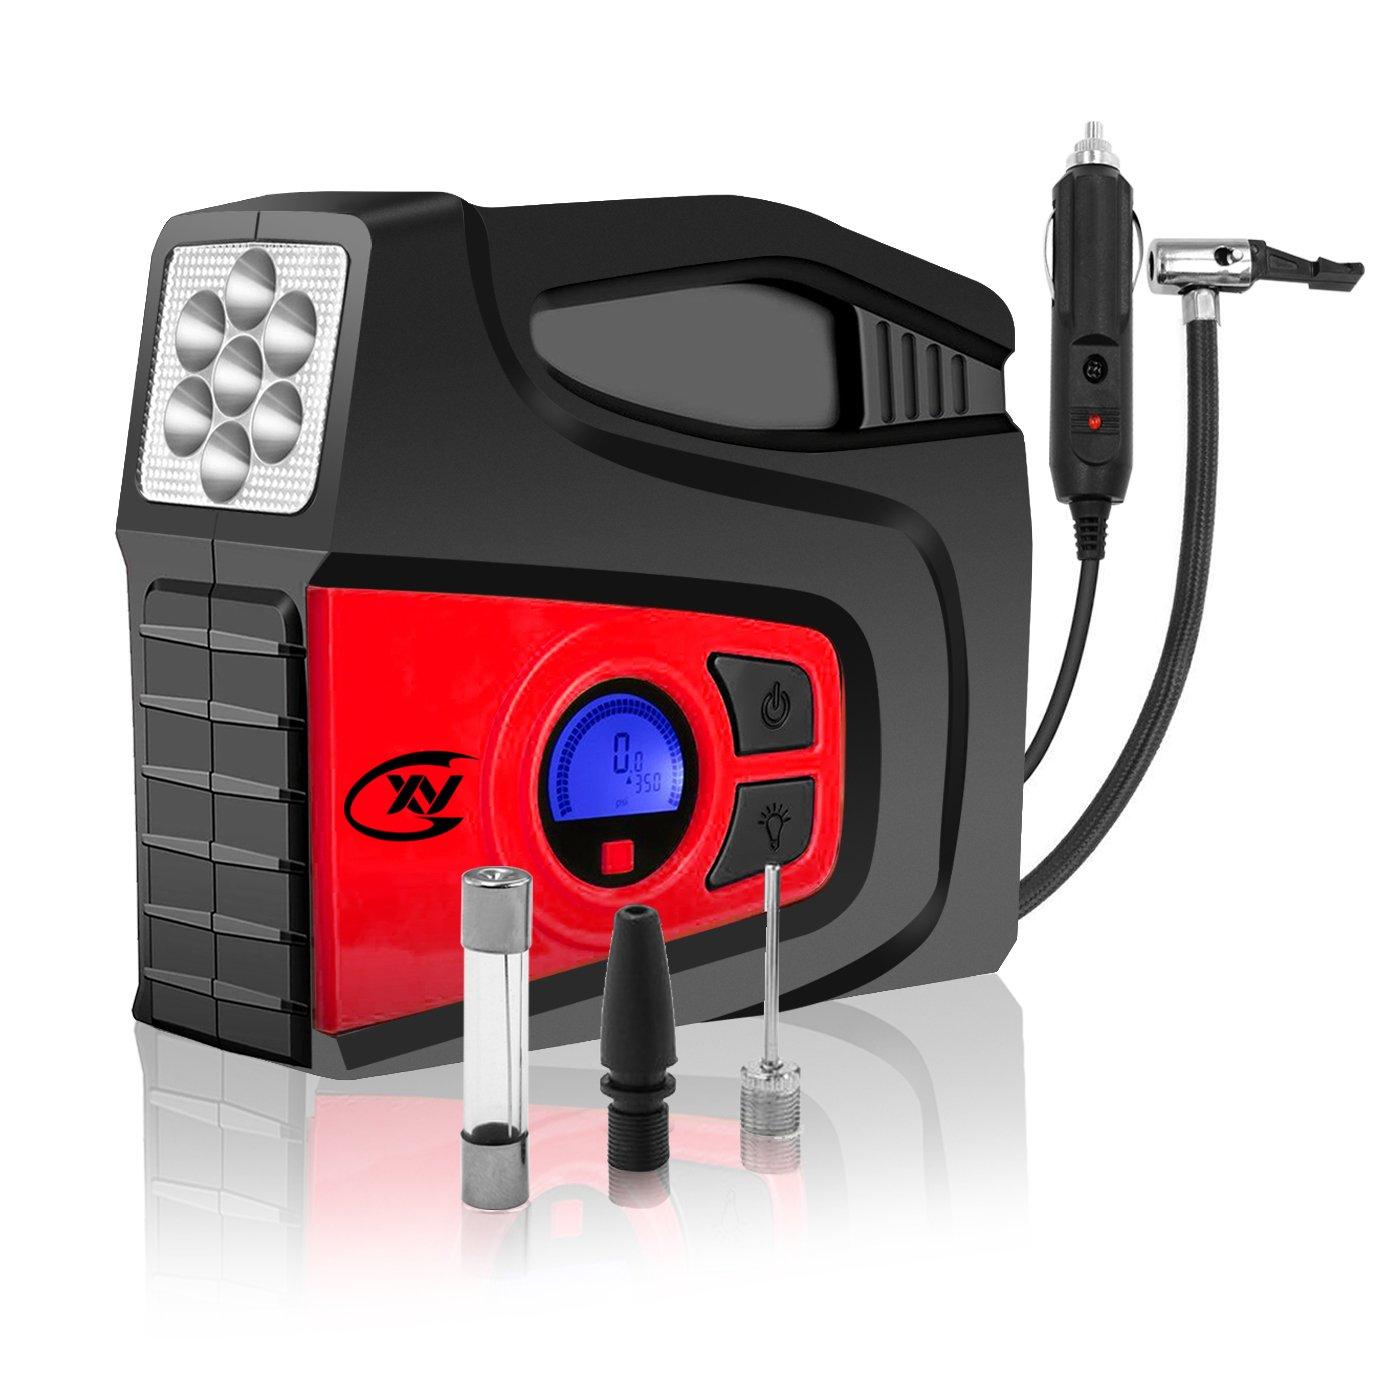 CXY Compresor de aire portátil digital con LED,bomba de compresor de aire portátil, 2 boquillas de aire para vehículo automóvil, motocicleta, ...